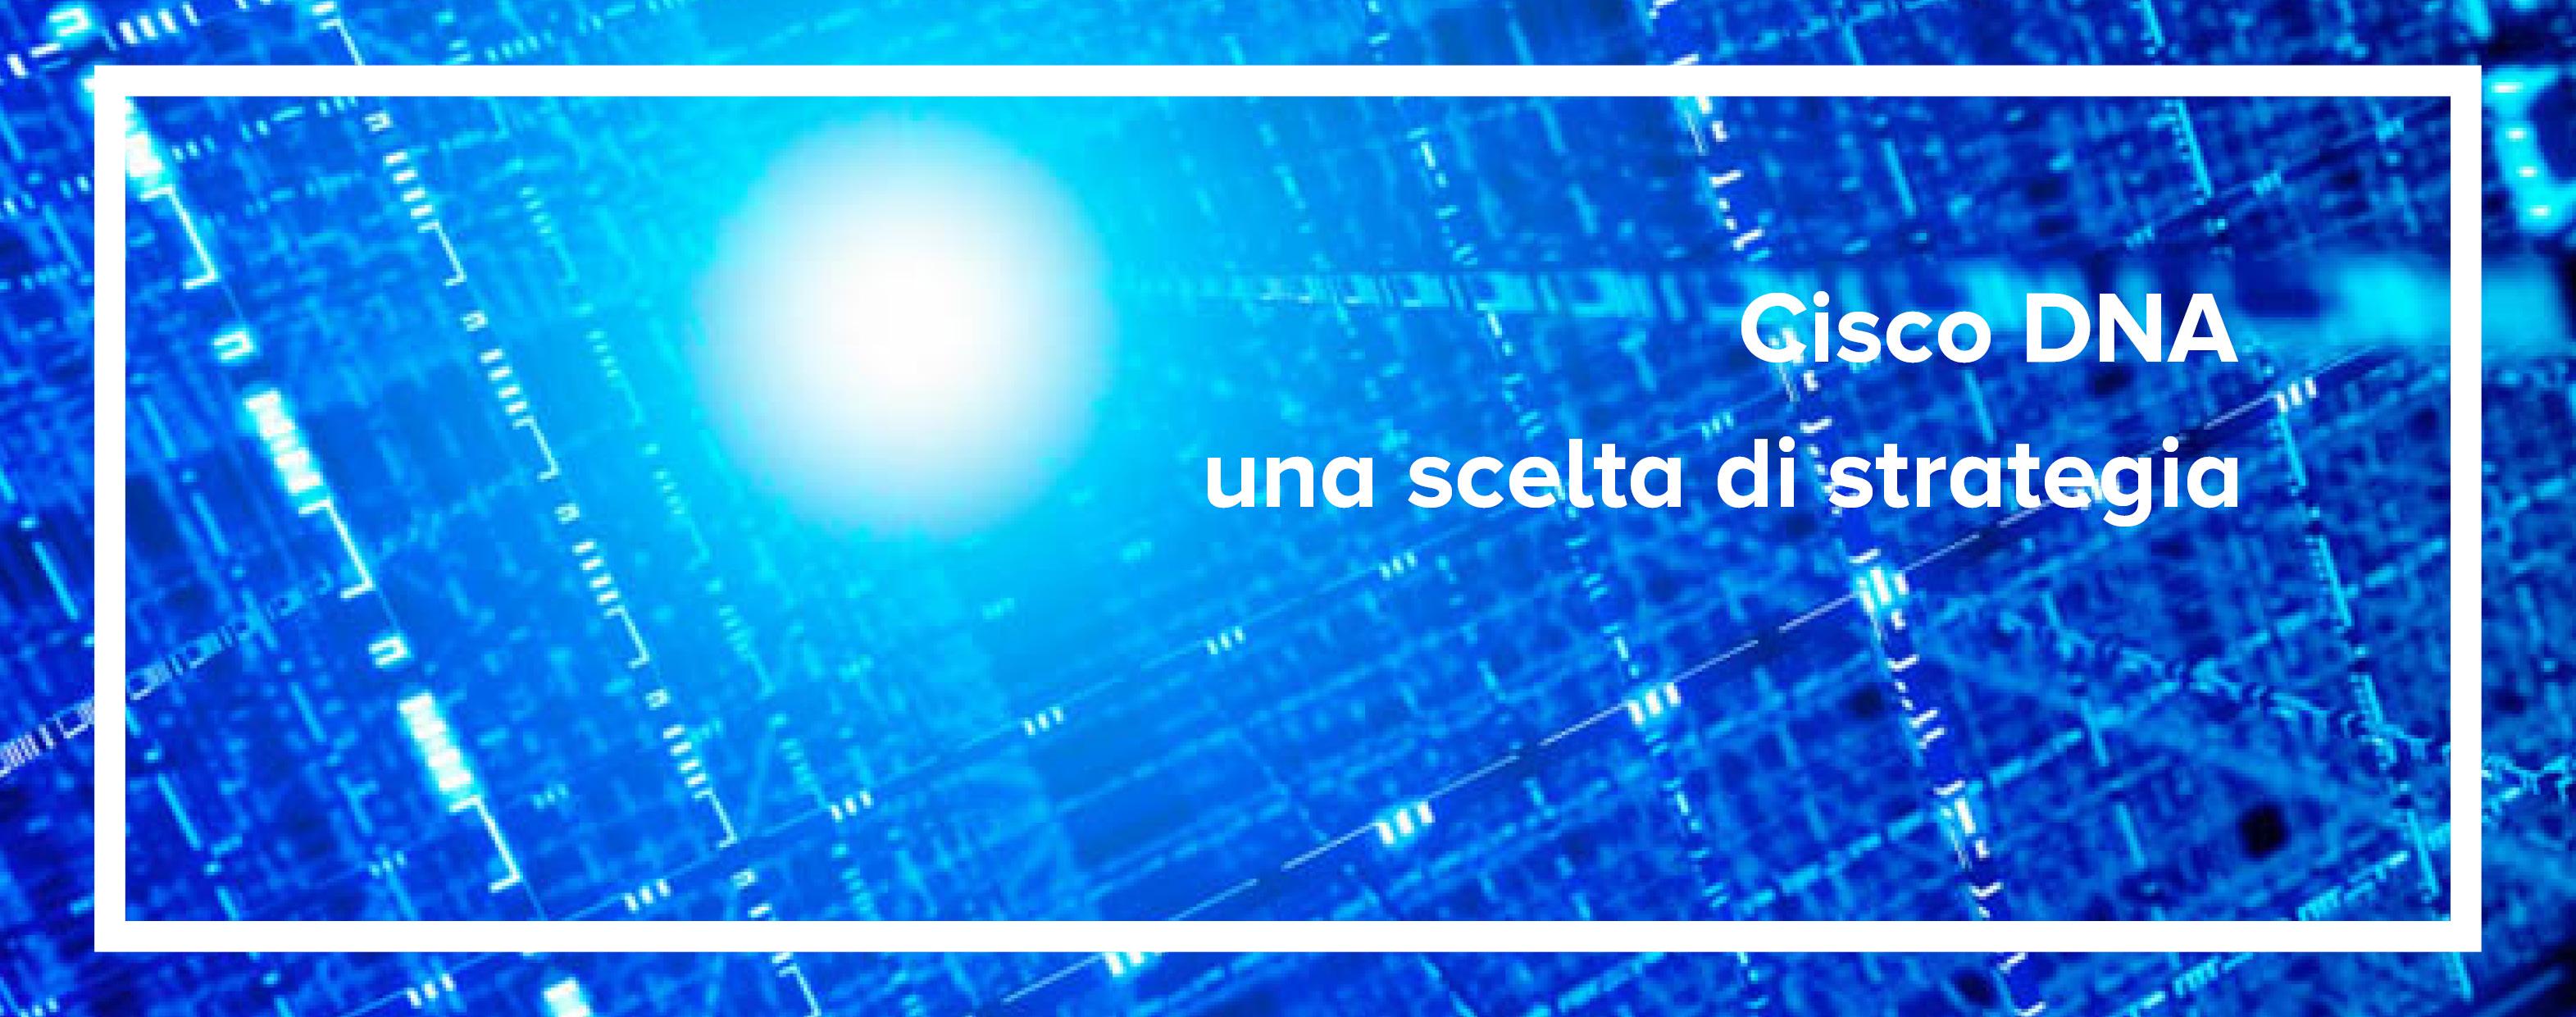 Cisco DNA, l'architettura per le reti IT aziendali strategiche. L'intervista.